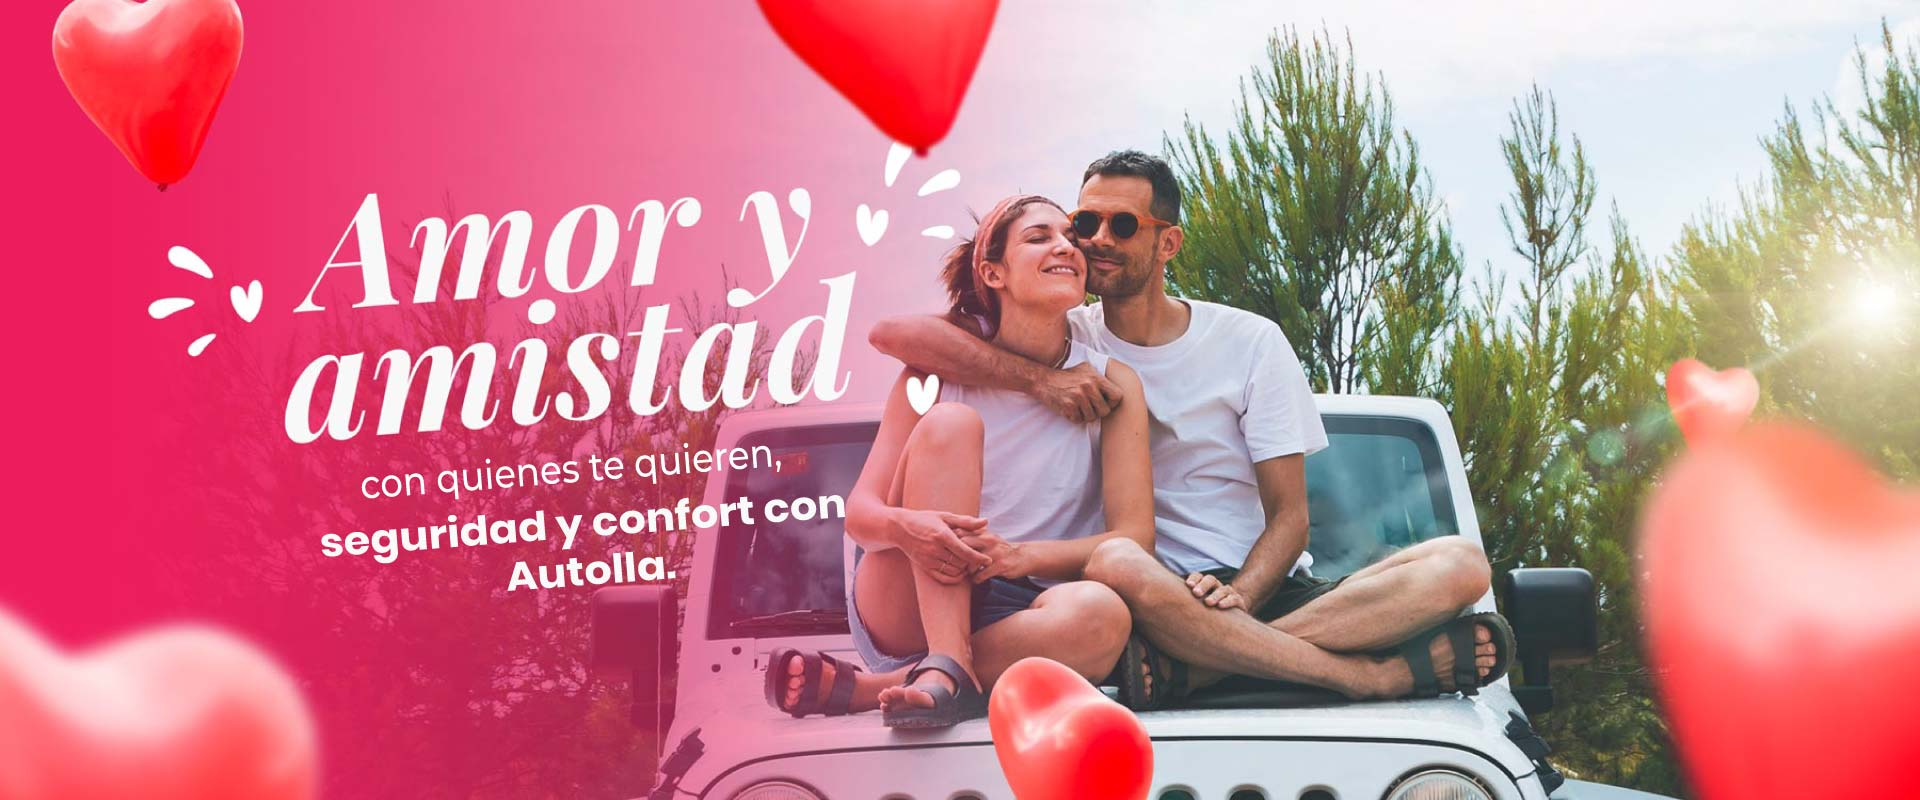 Amor y amistad con quienes te quieren, seguridad y confort con Autolla